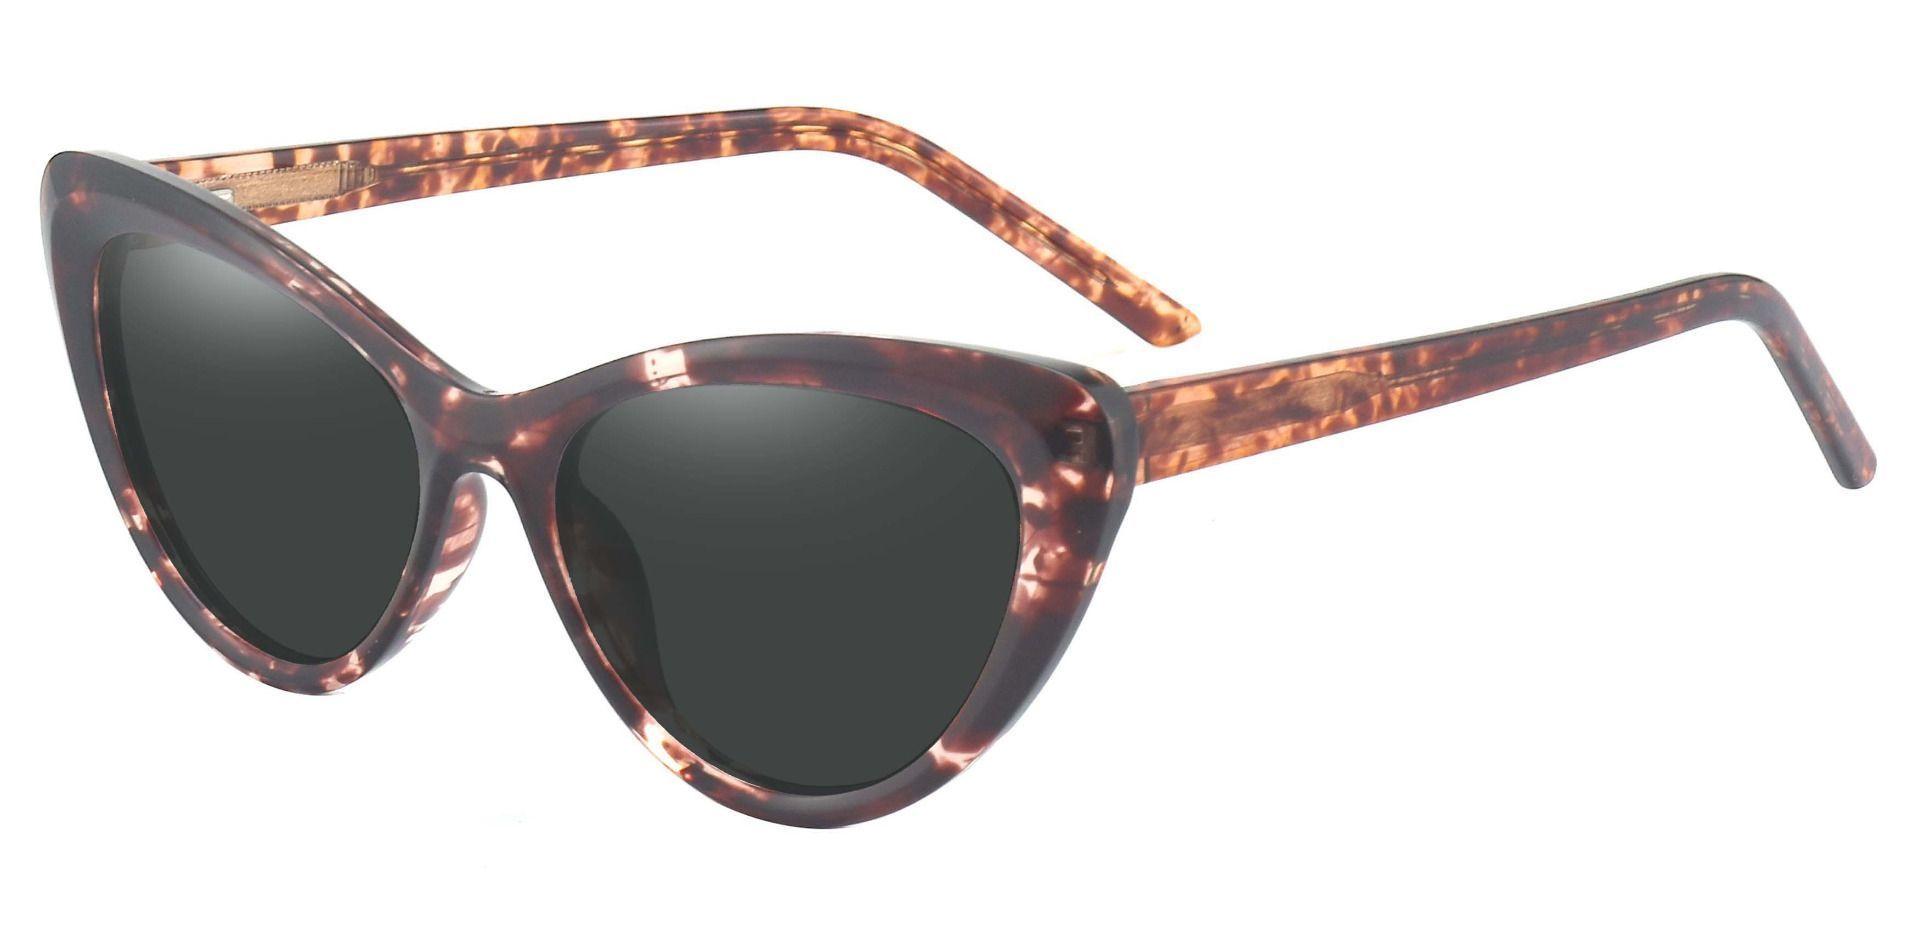 Gemini Cat Eye Non-Rx Sunglasses - Tortoise Frame With Gray Lenses